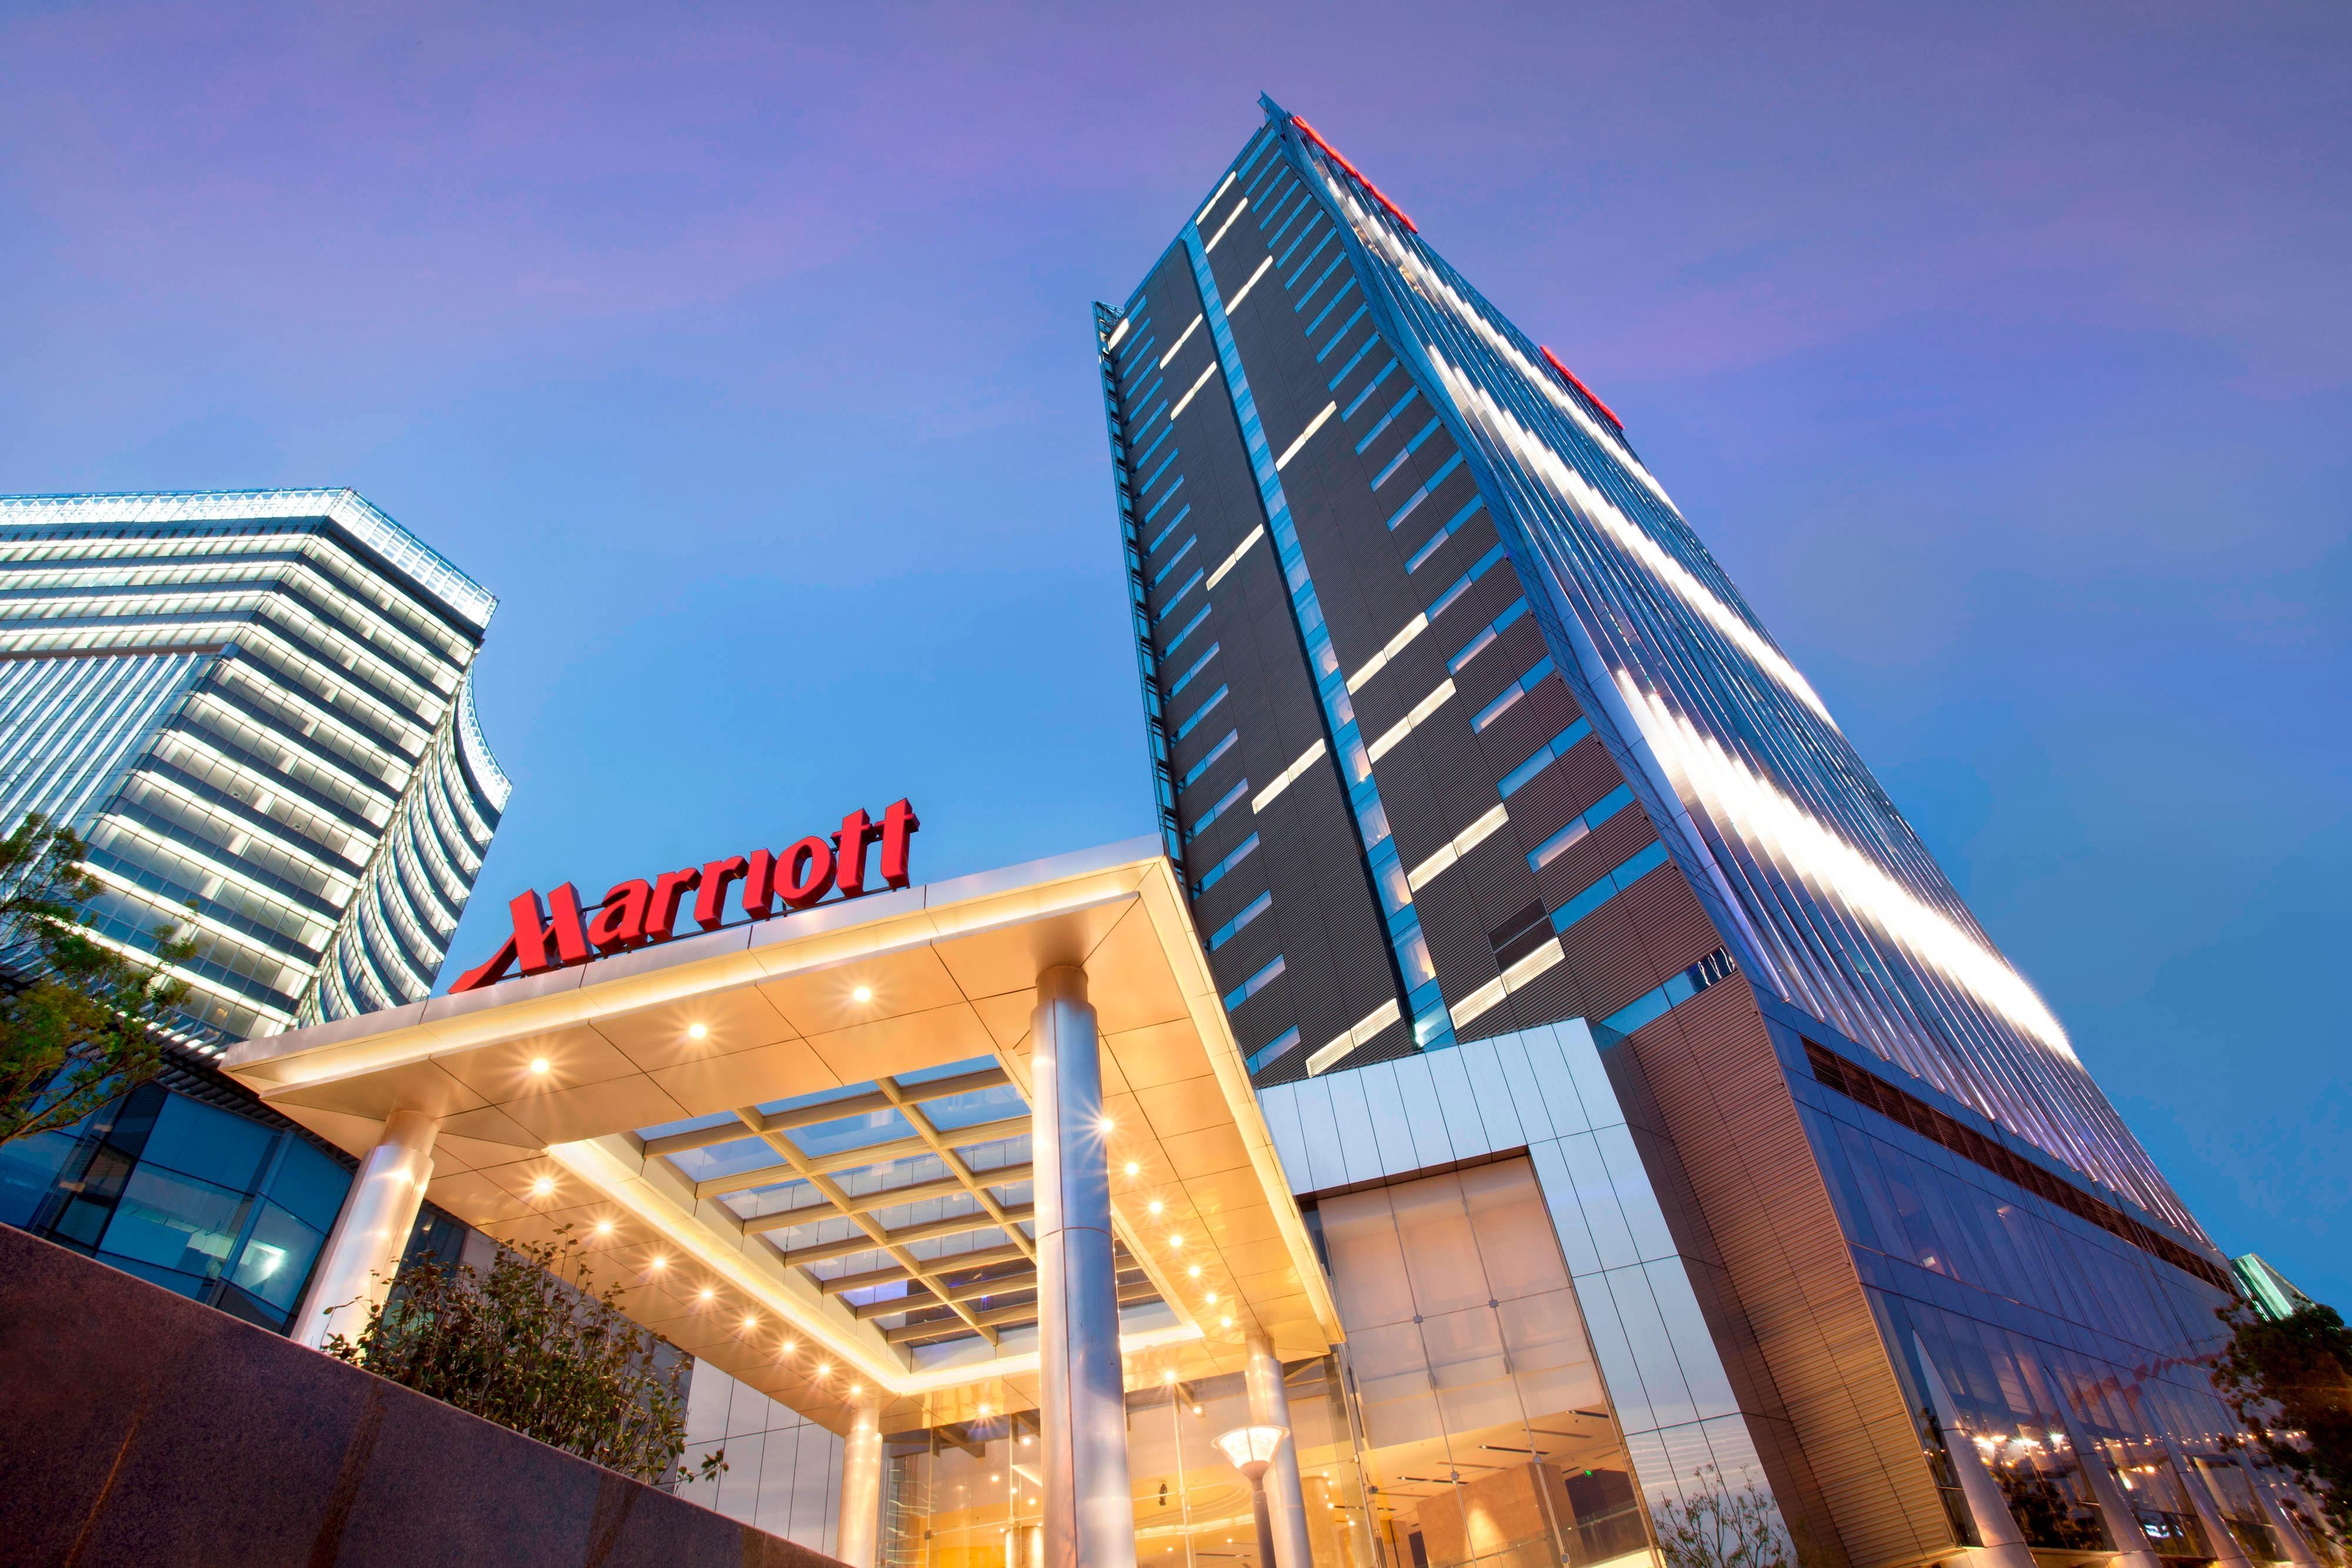 上海徐家匯のホテル